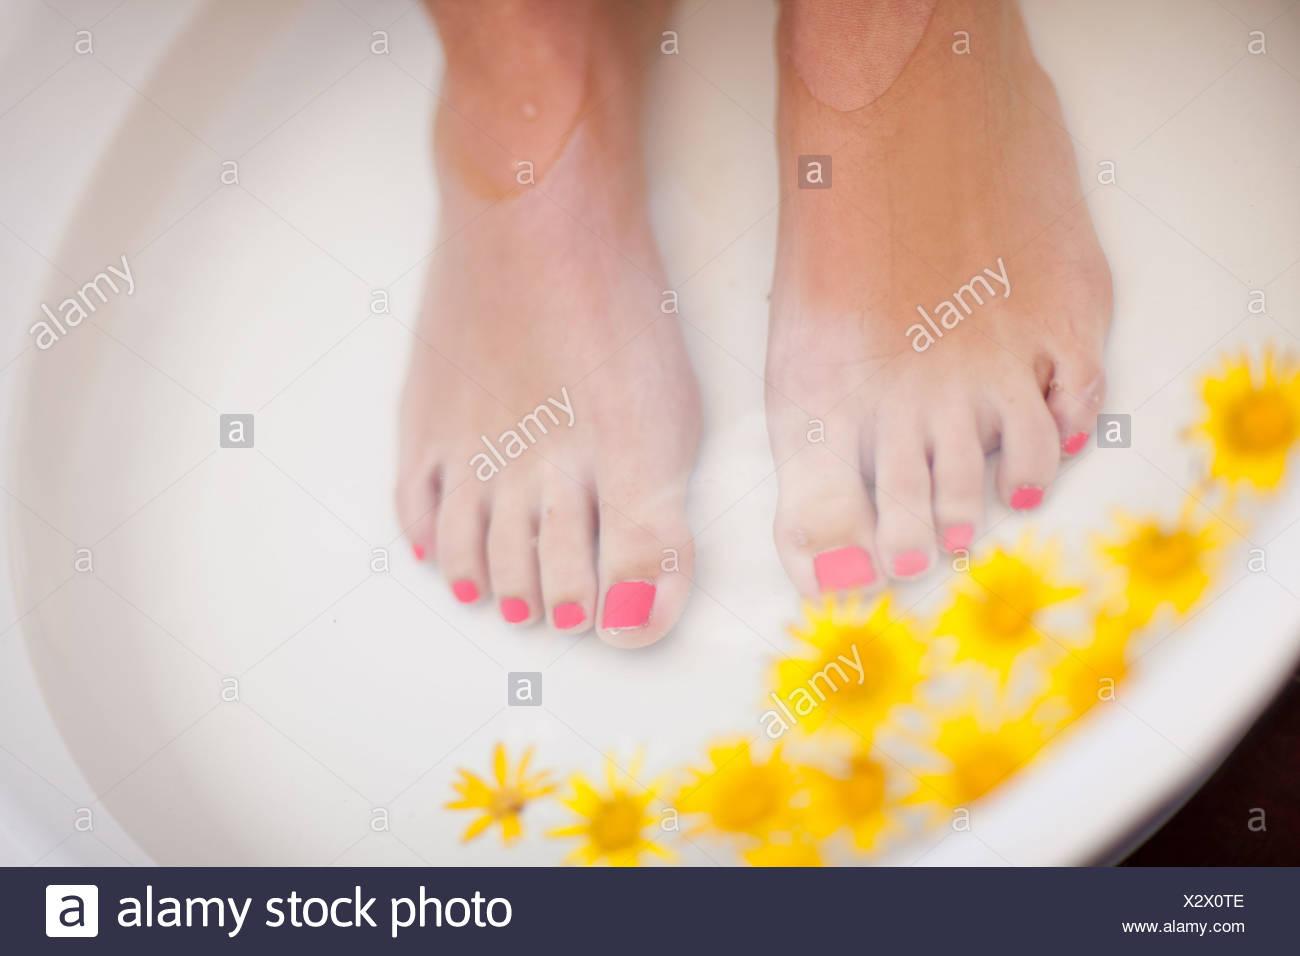 Woman's feet soaking in tub - Stock Image